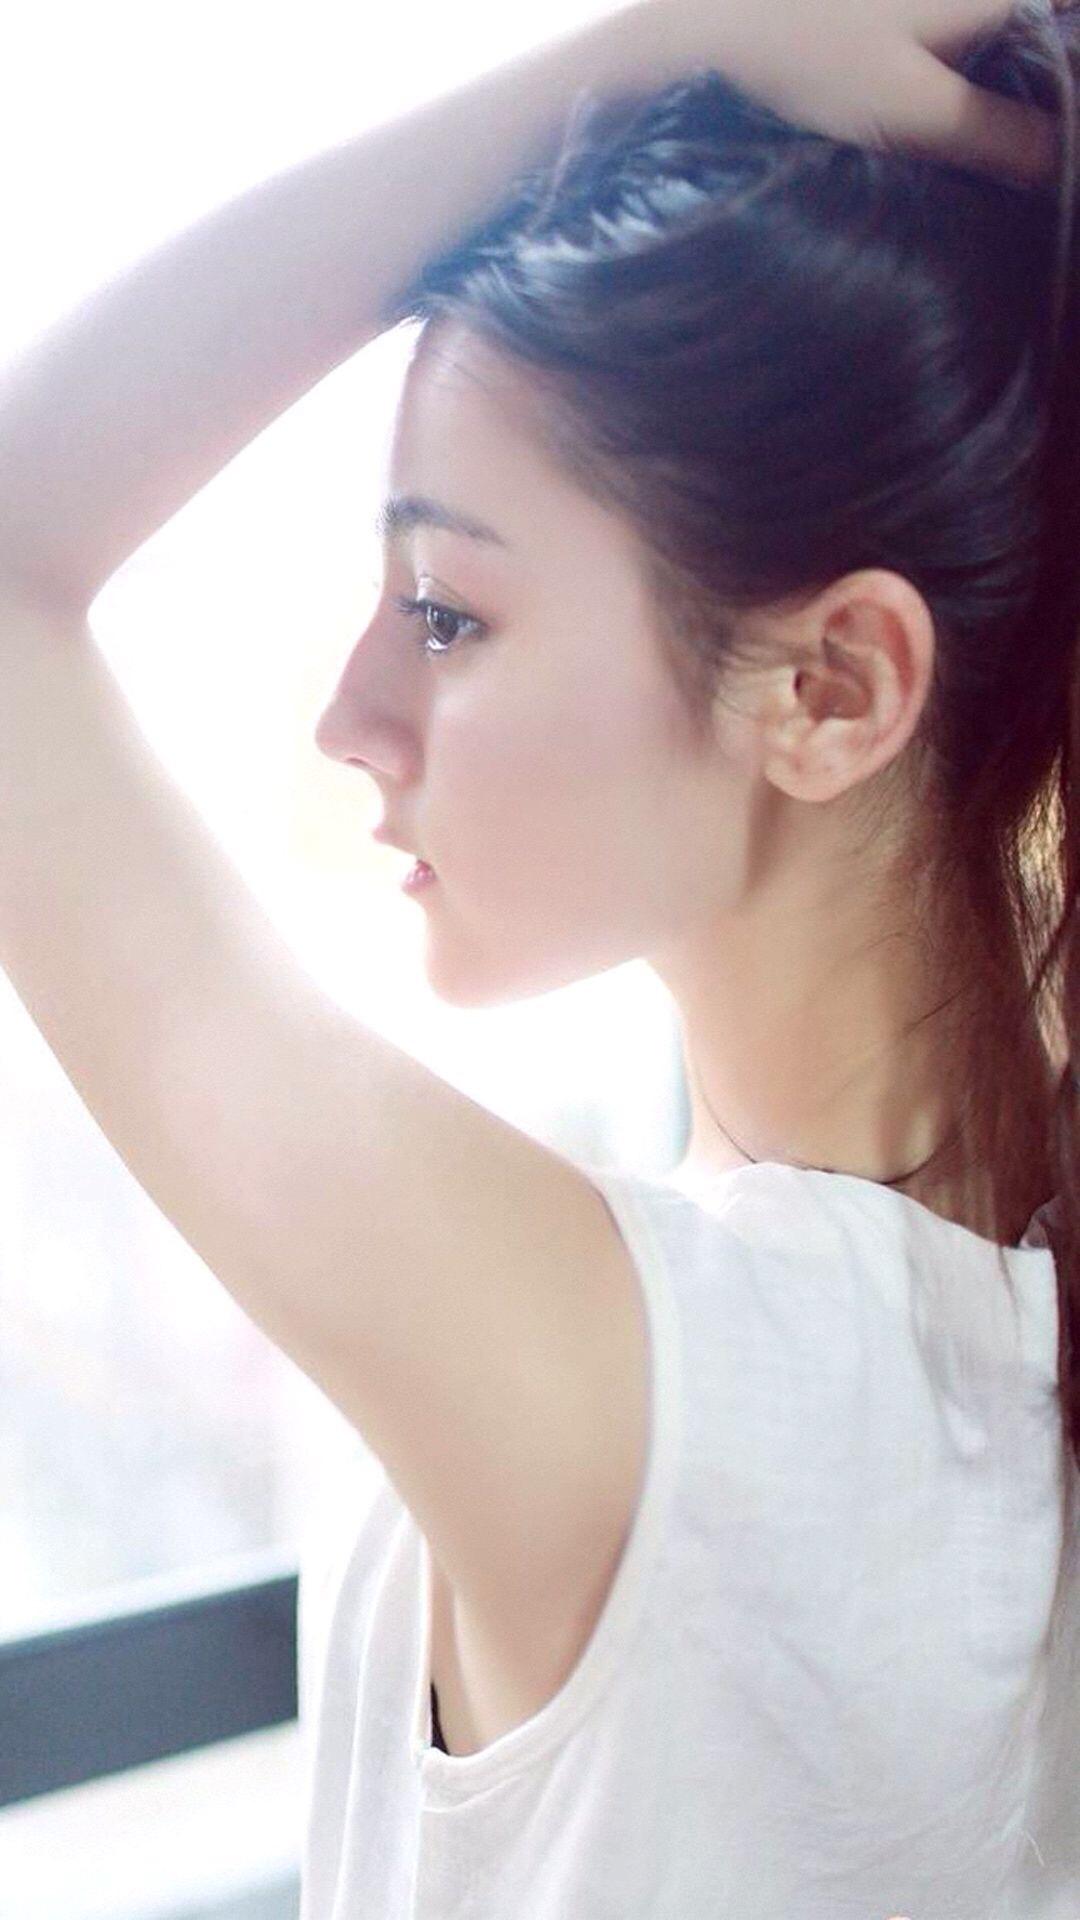 迪丽热巴 演员 明星 艺人 苹果手机高清壁纸 1080x